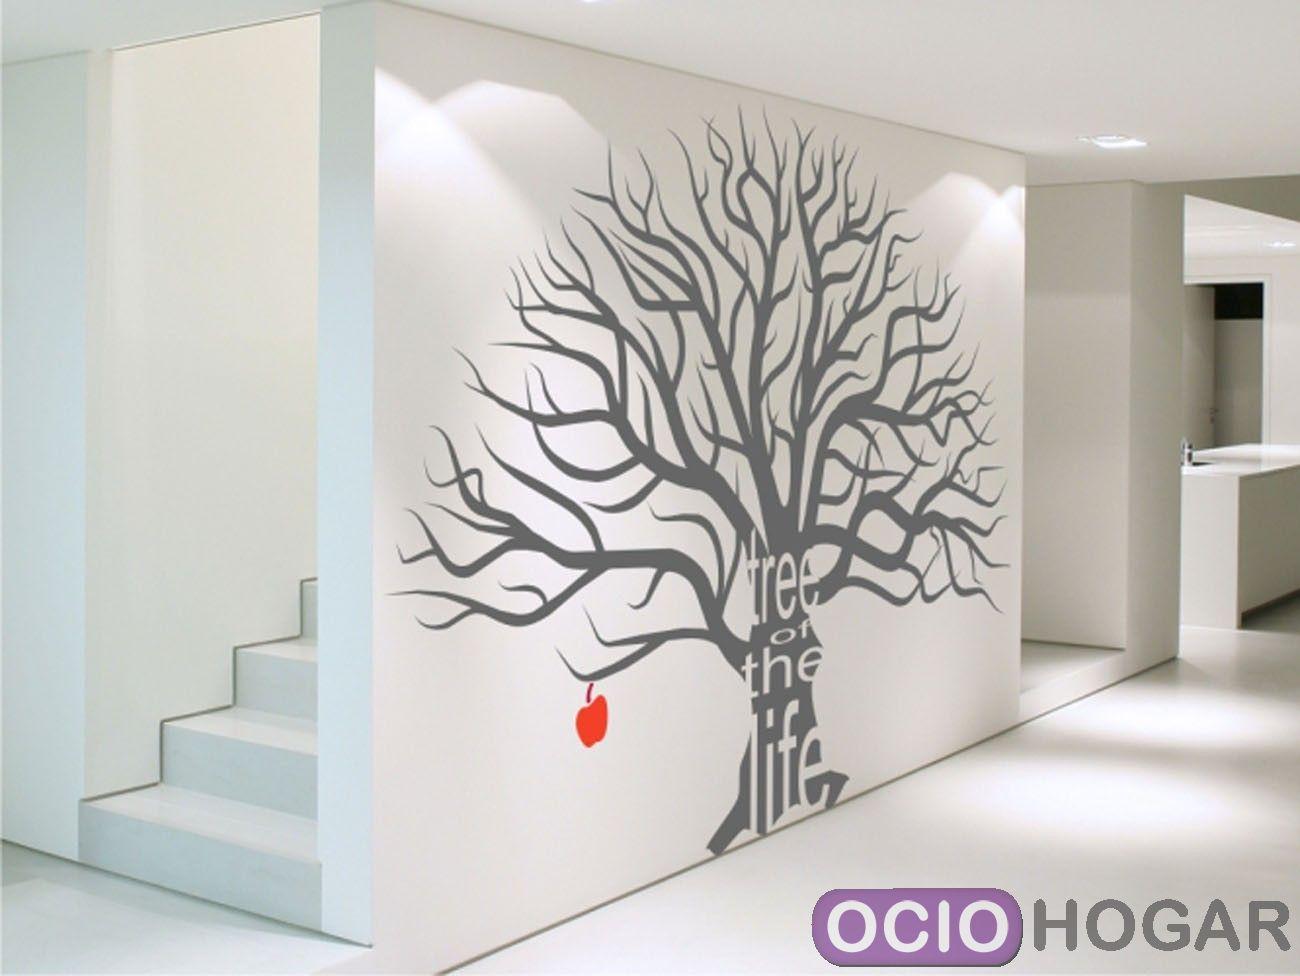 Comprar vinilo decorativo tree of the life de dekotipo online for Precio de vinilos decorativos